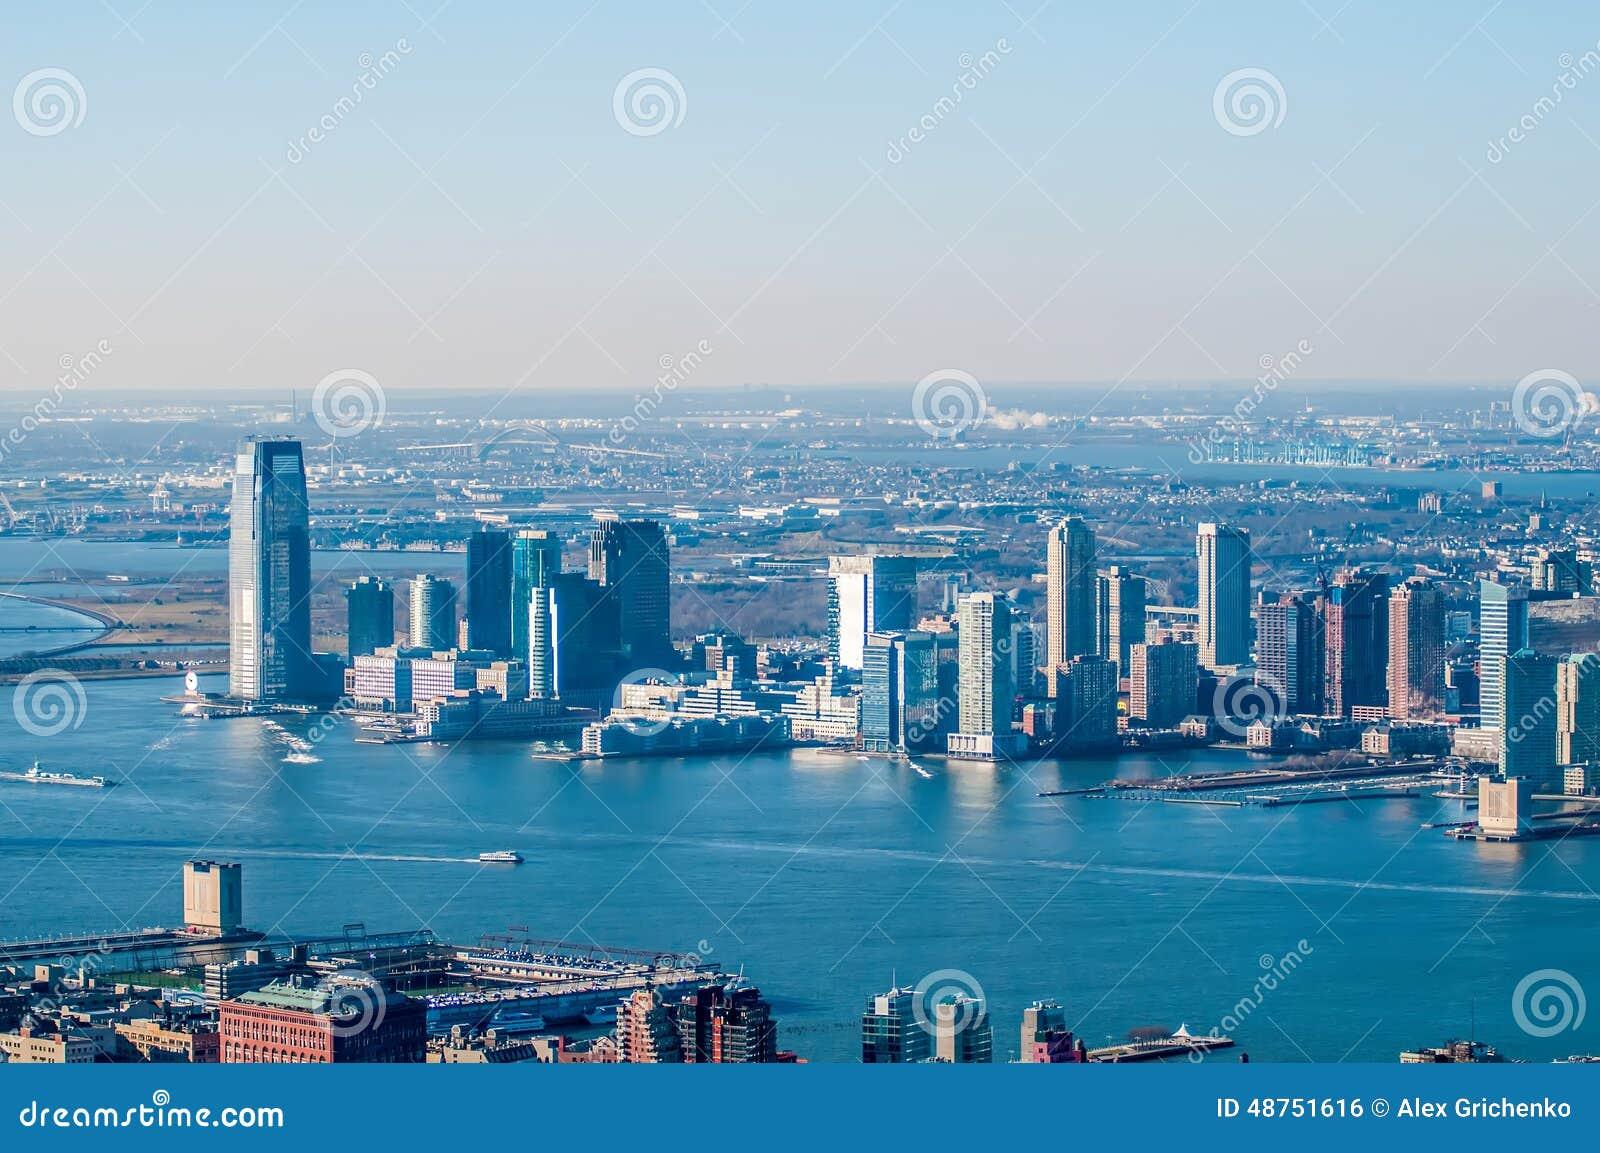 New york city newark train